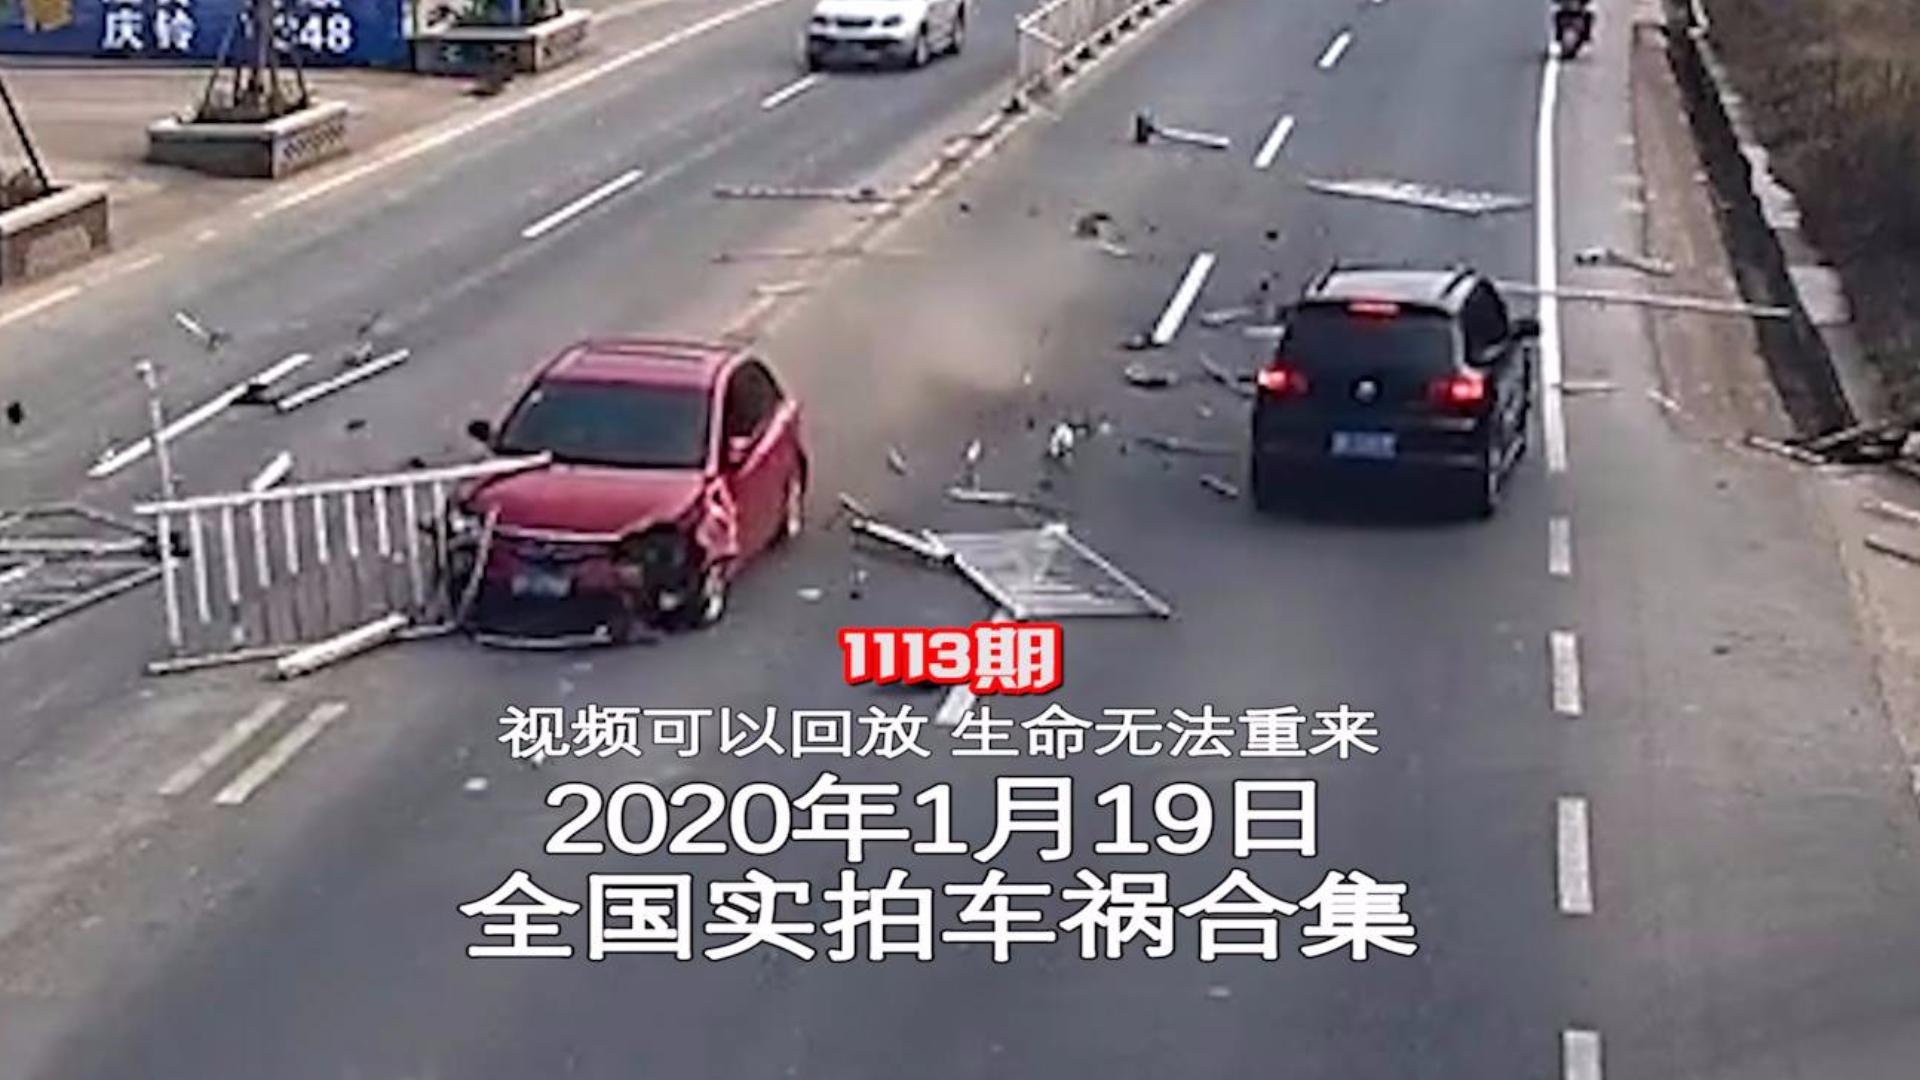 1113期:大货车盲区多,远离它最好【20200119全国车祸合集】